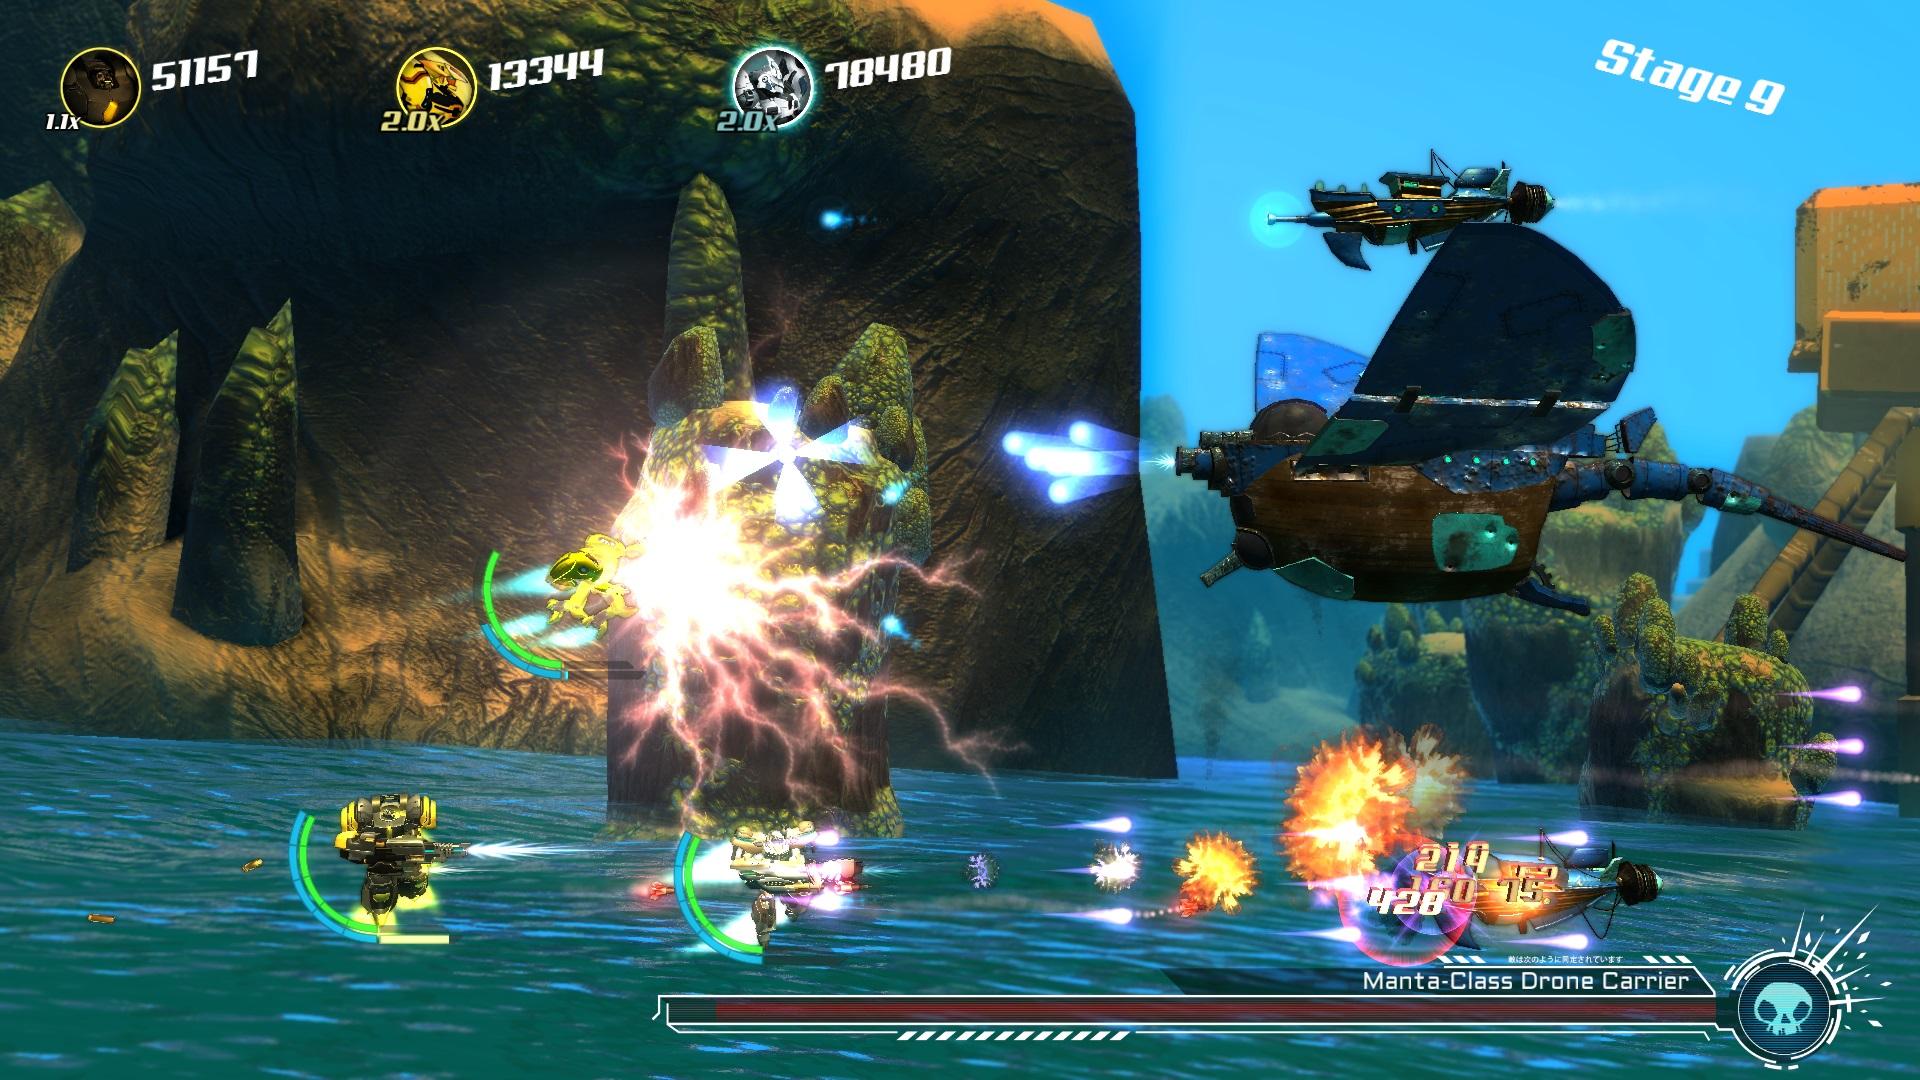 stardust-galaxy-warriors-stellar-climax-review-screenshot-3